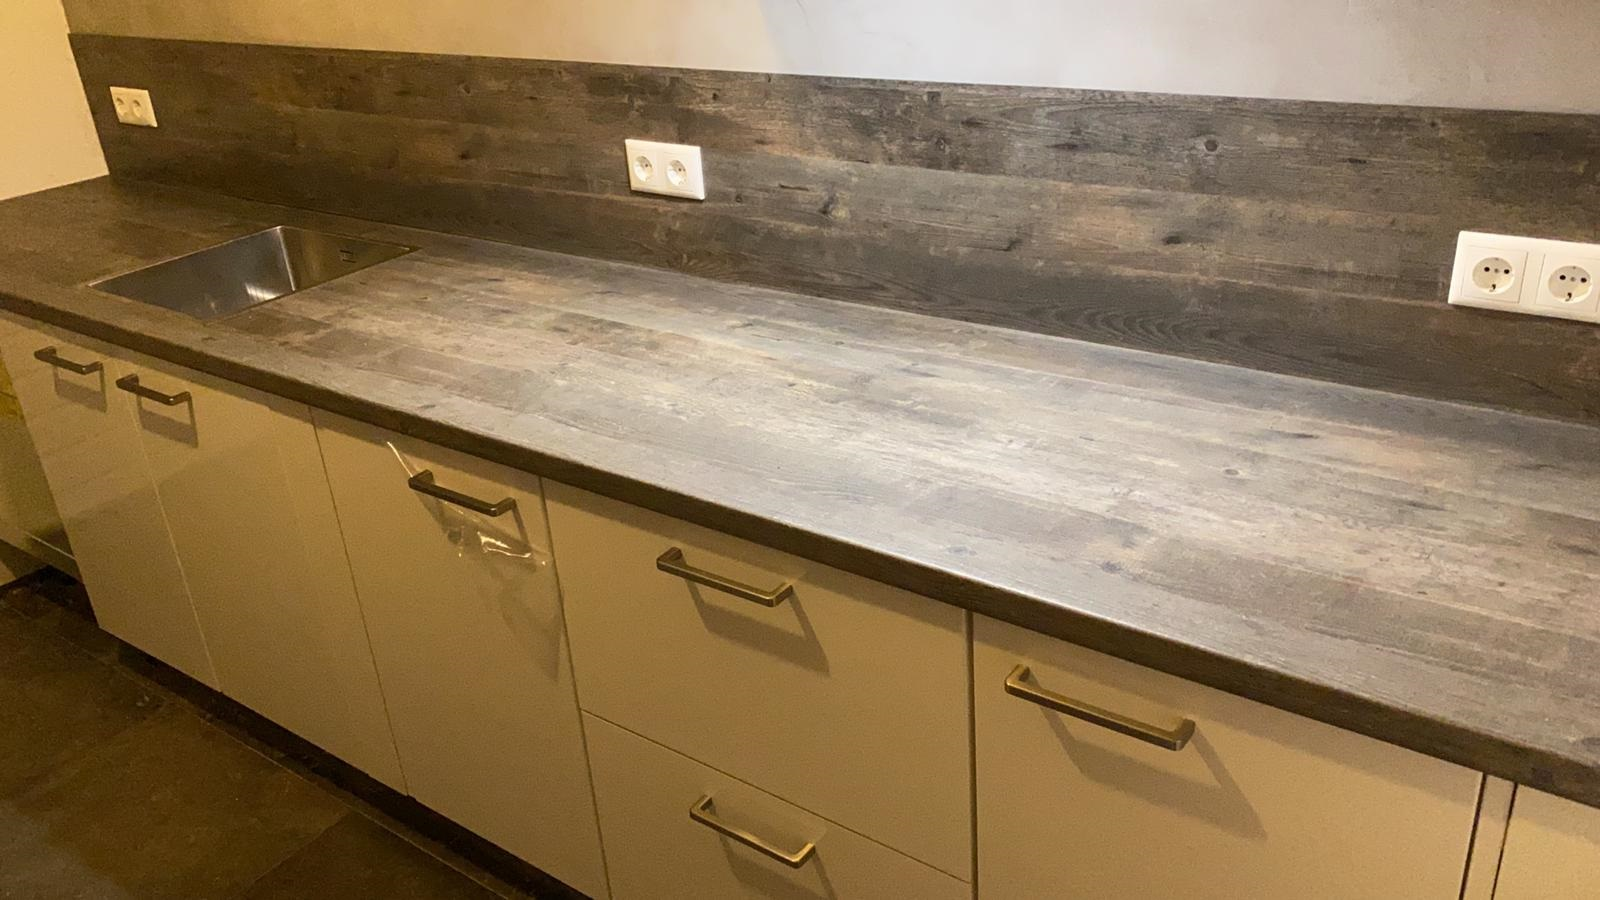 Kunststof hout-look werkblad in keuken. Achterwand in dezelfde kleur. Het materiaal van de achterwand is 4 mm volle kern plaat.